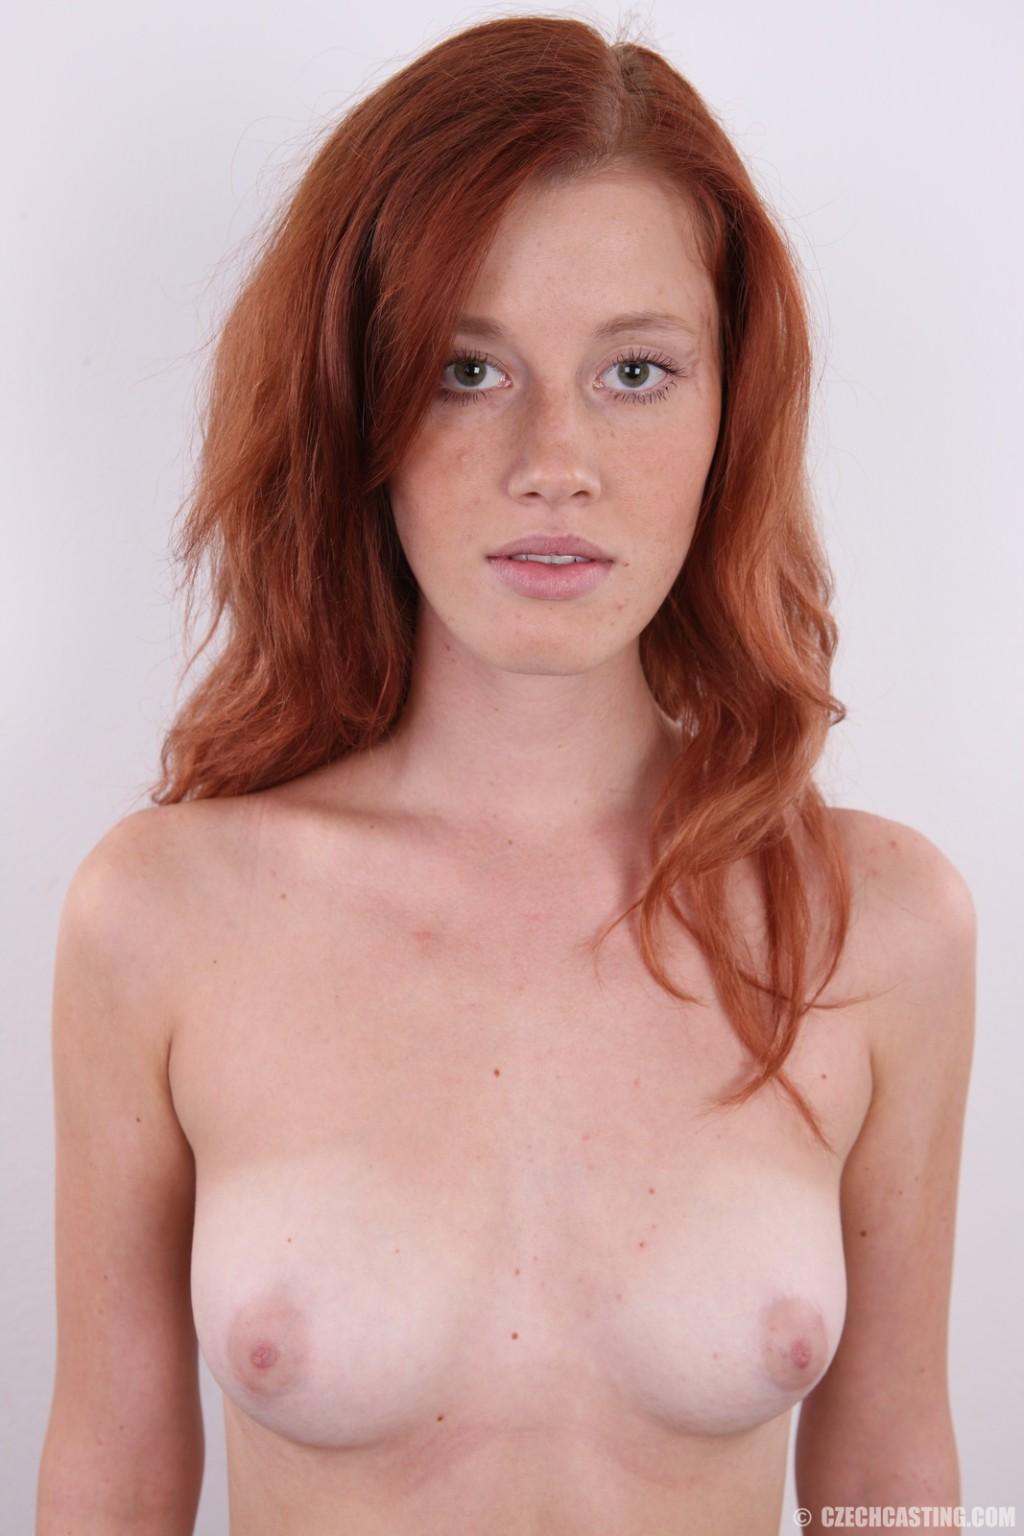 Трусики - Порно галерея № 3529121